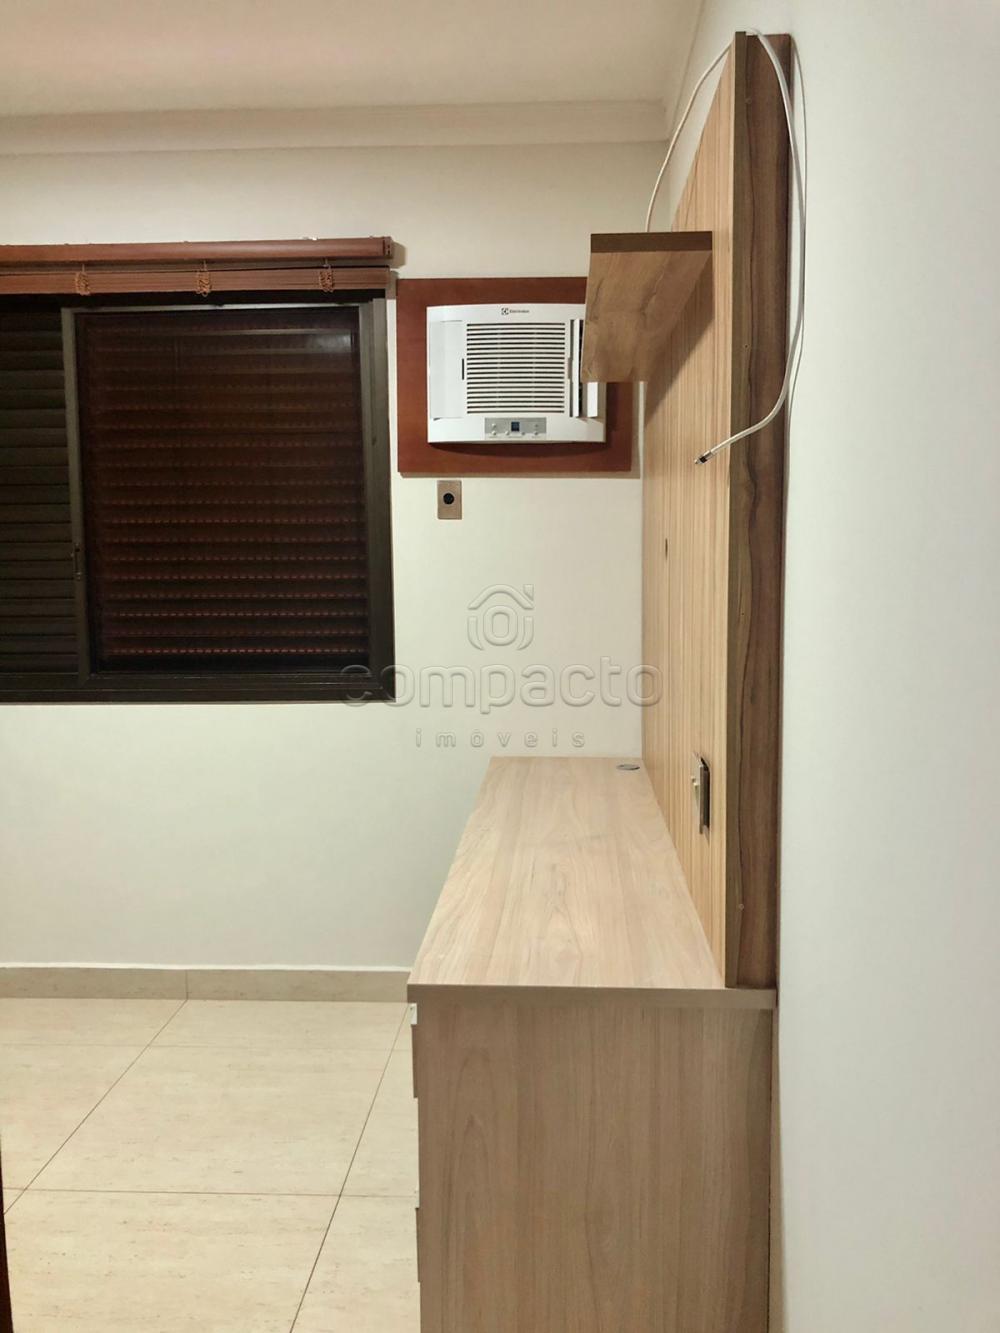 Alugar Apartamento / Padrão em São José do Rio Preto R$ 2.500,00 - Foto 17